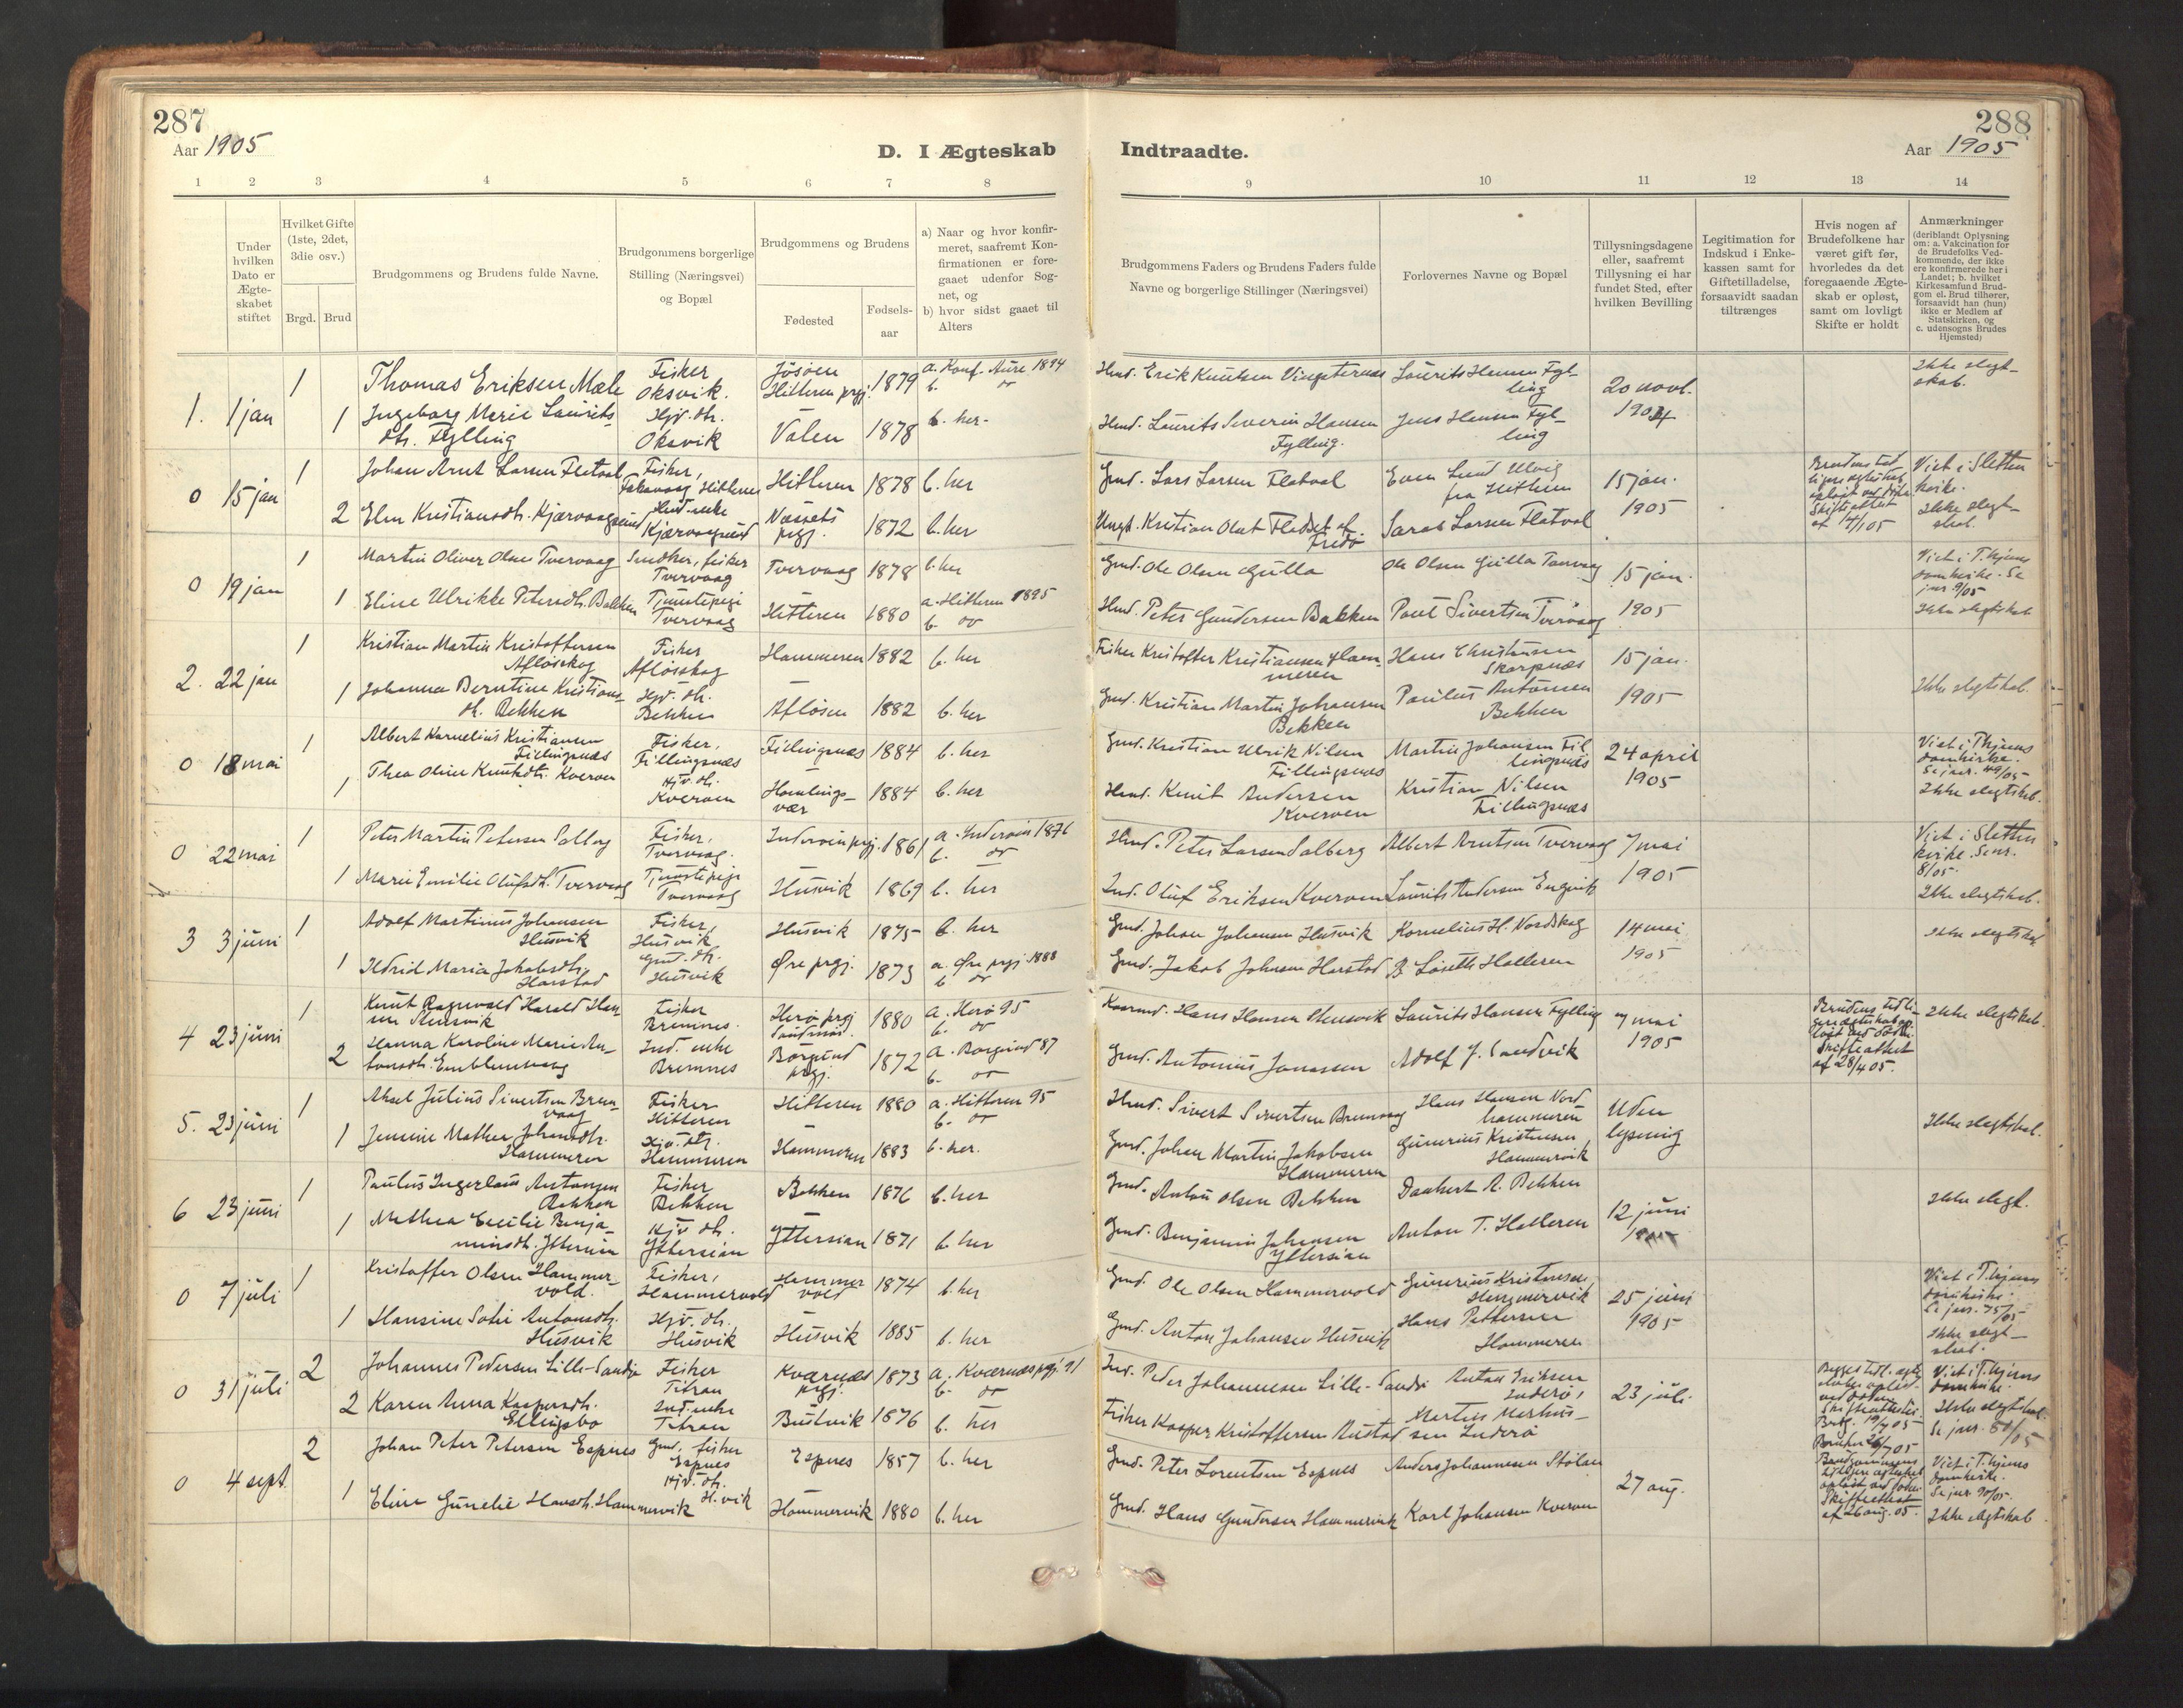 SAT, Ministerialprotokoller, klokkerbøker og fødselsregistre - Sør-Trøndelag, 641/L0596: Ministerialbok nr. 641A02, 1898-1915, s. 287-288